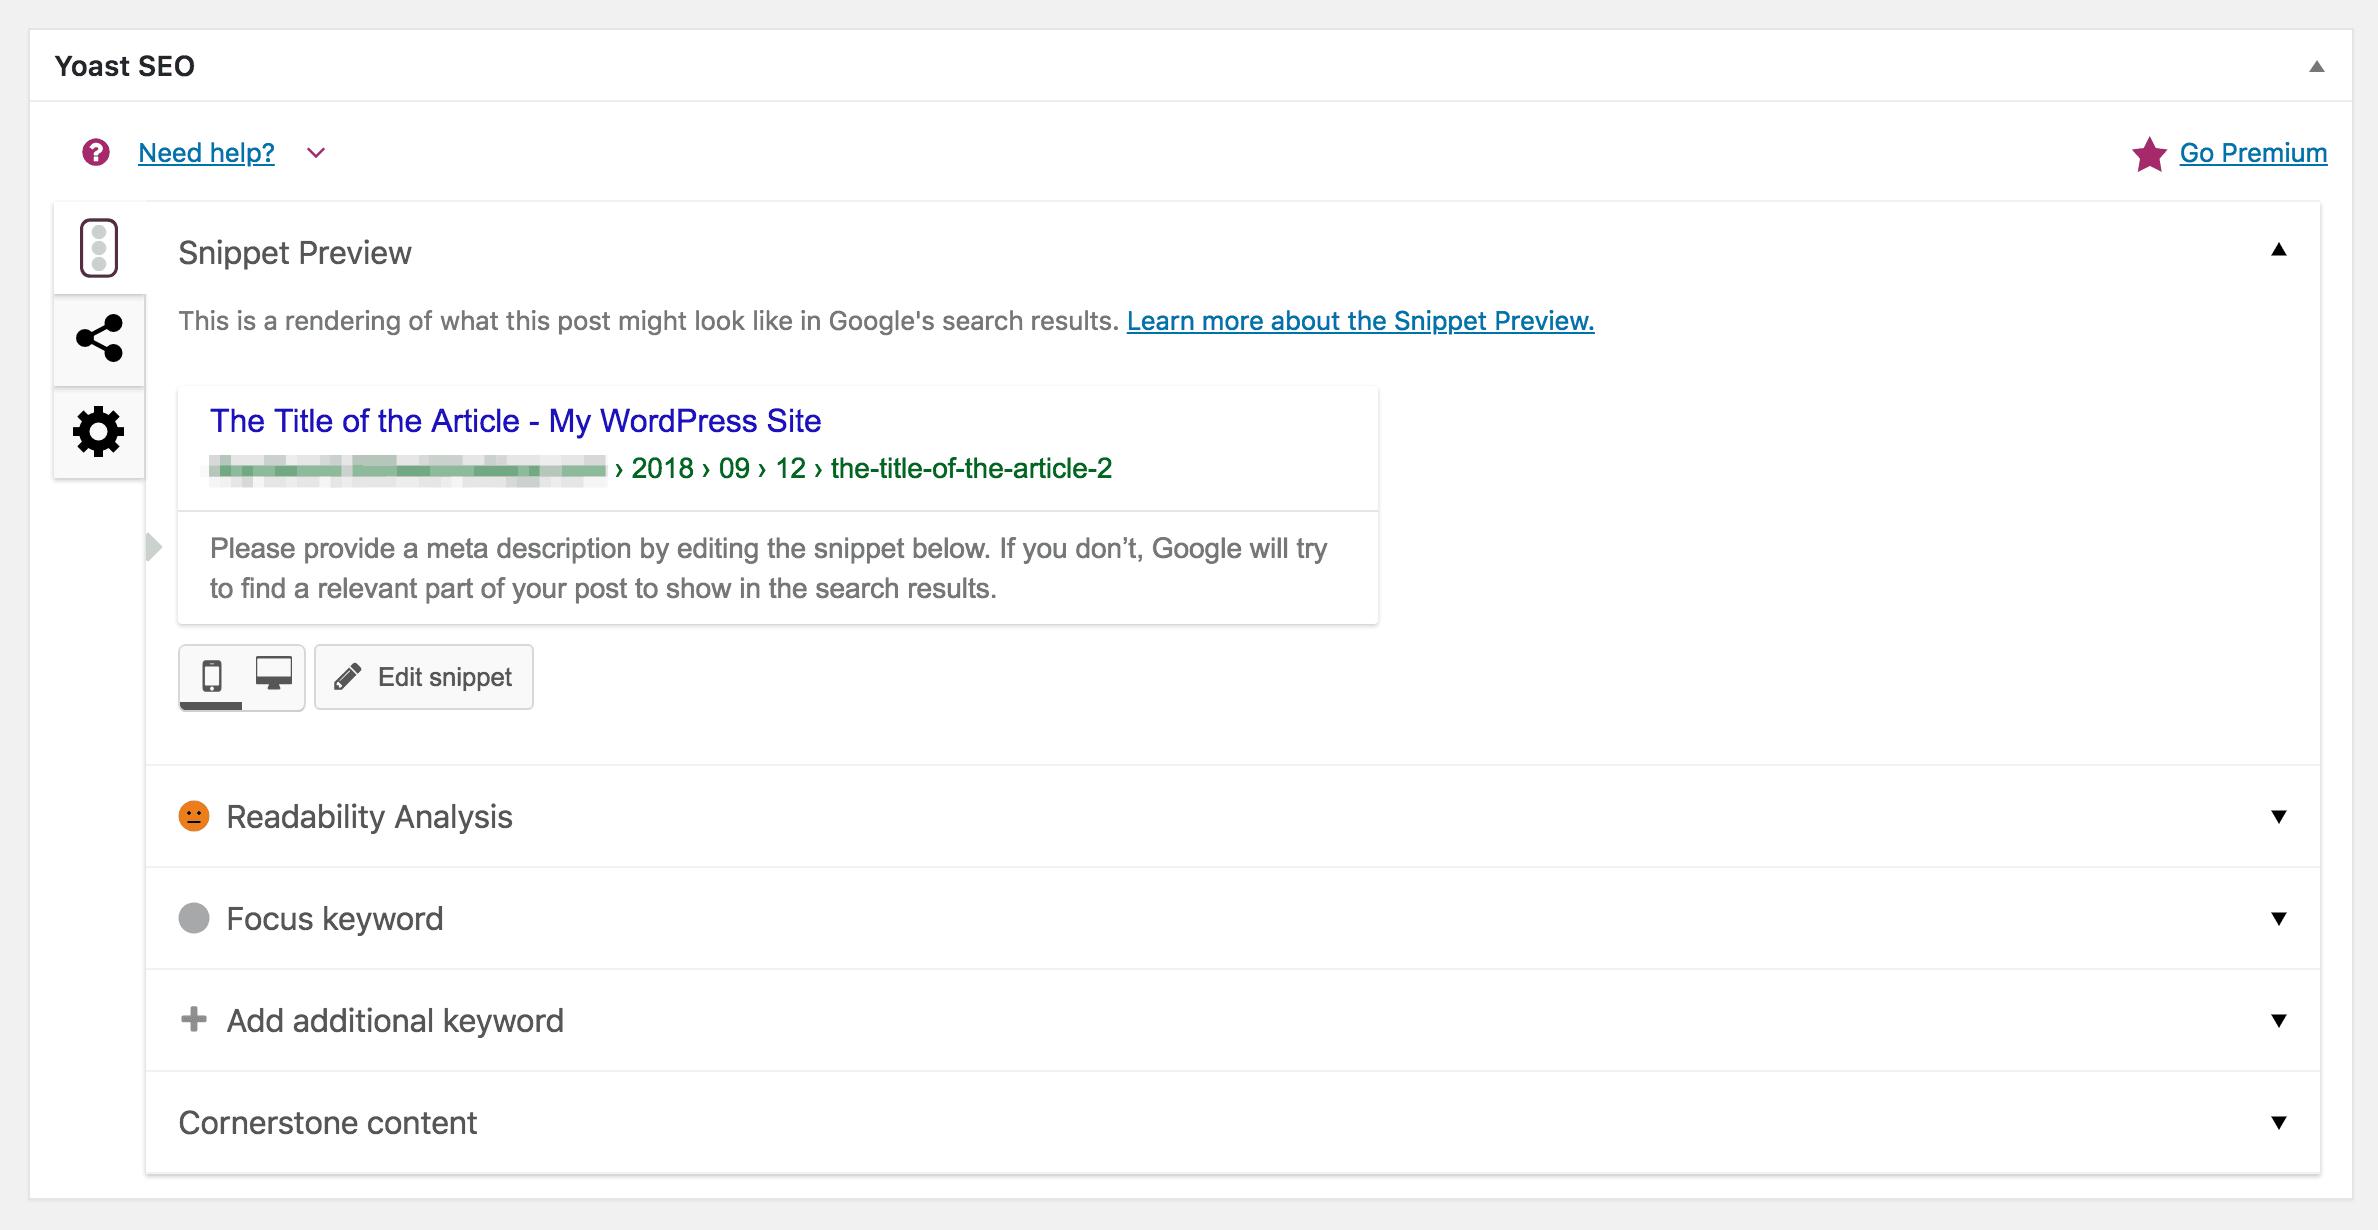 The Yoast SEO meta box in the WordPress editor.